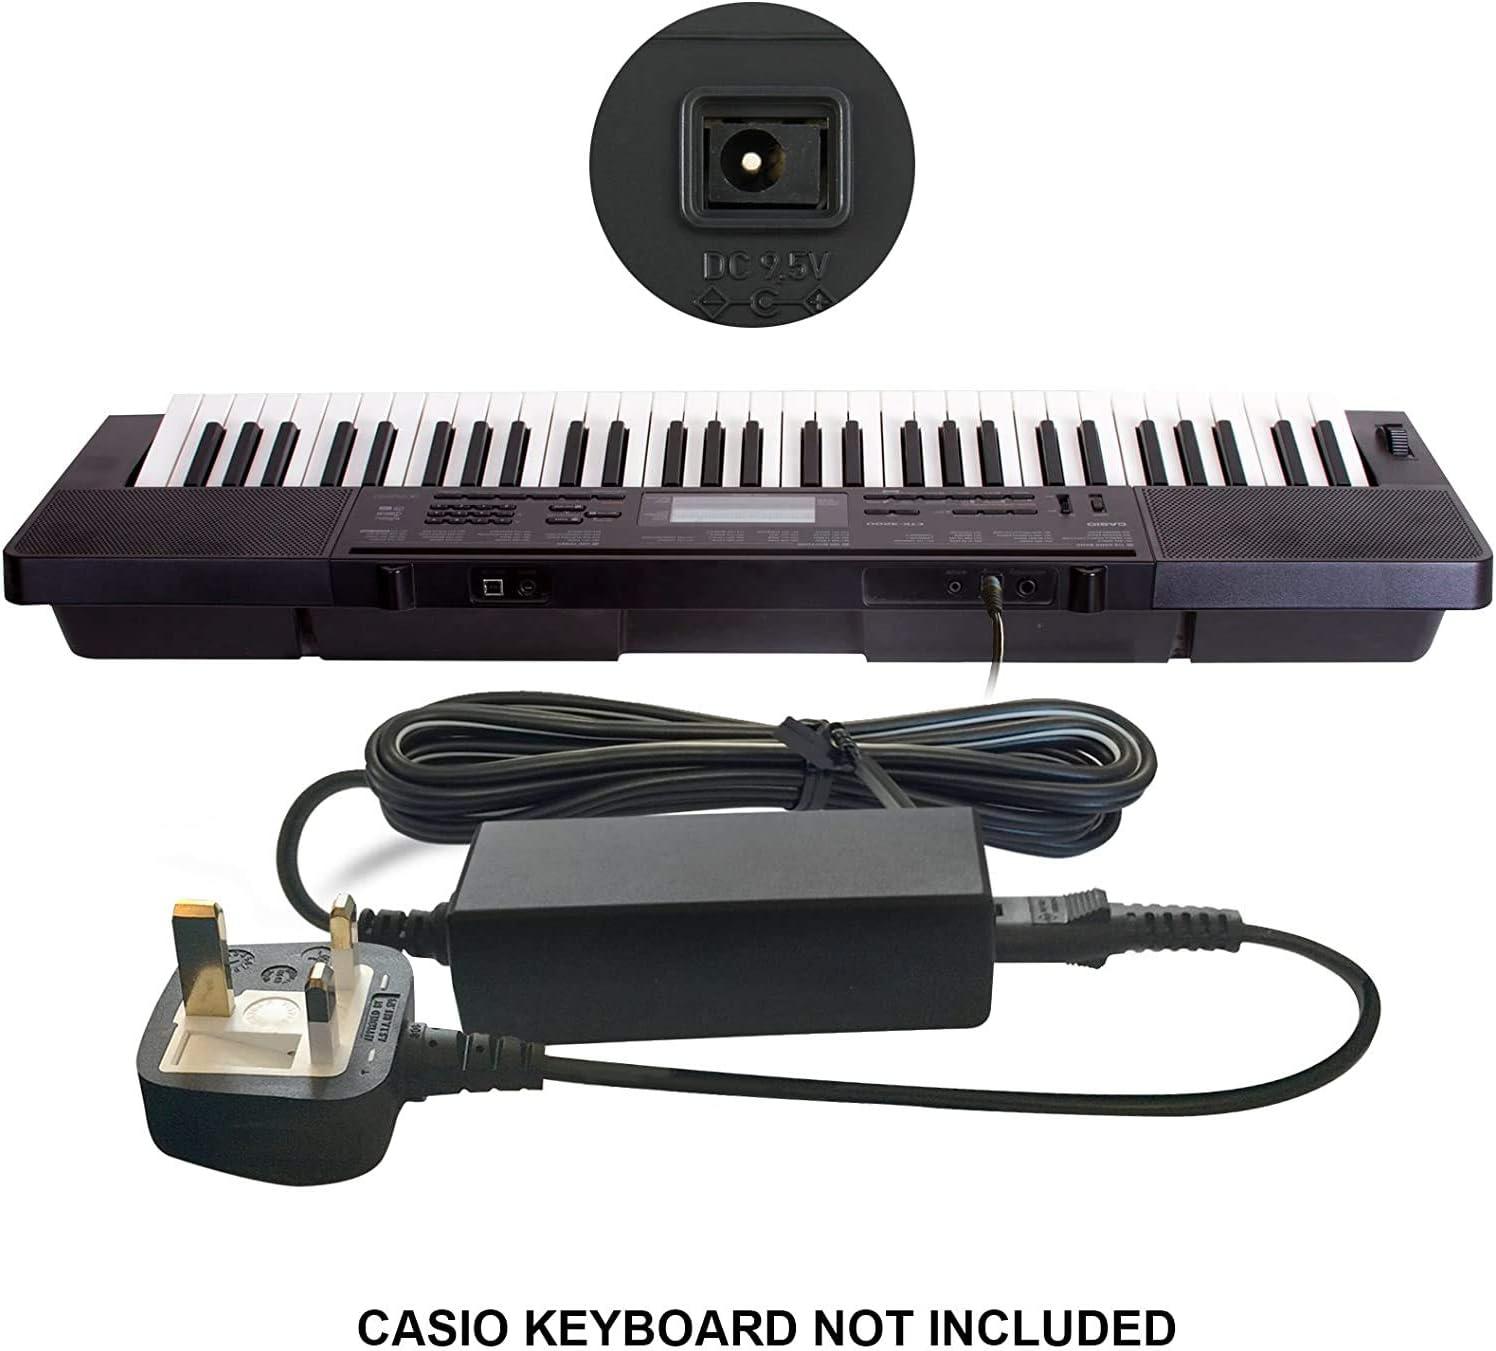 ABC Products® - Adaptador de alimentación para Casio (9,5 V/9,5 V, adaptador de corriente continua (AD-E95100LE/AD-E95100L, AD-E95100, AD-E95100LG, ...